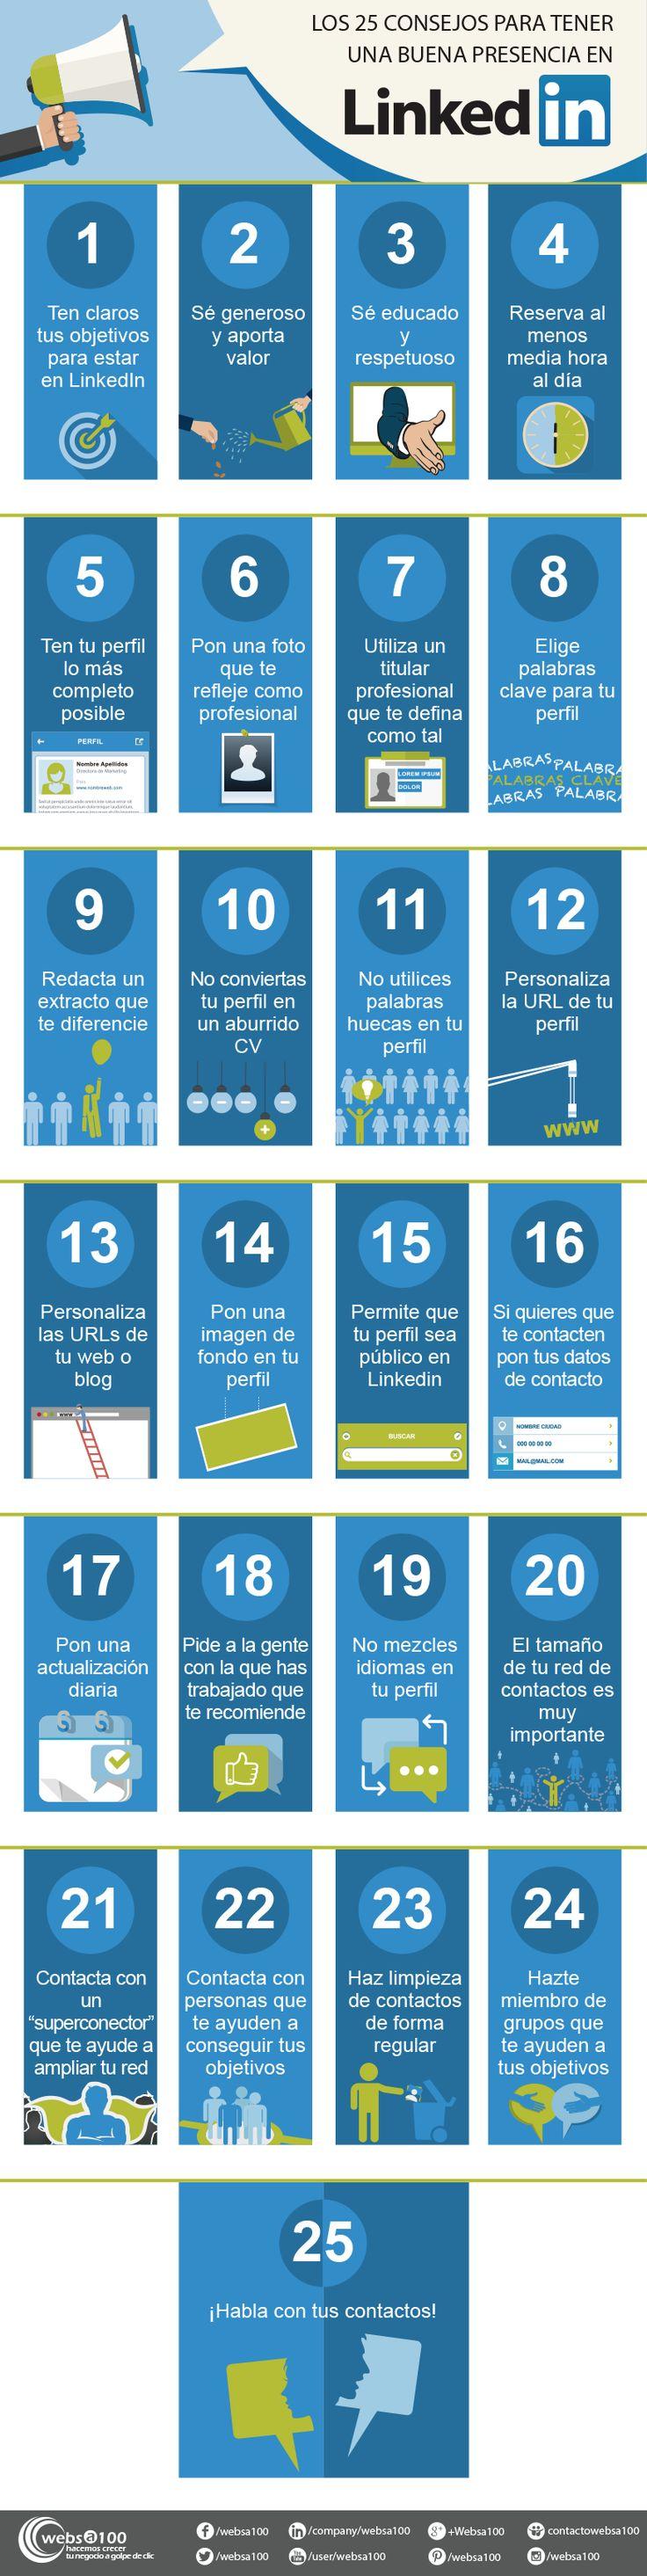 25 consejos para tener una presencia 10 en LinkedIn #LinkedIn #MarcaPersonal